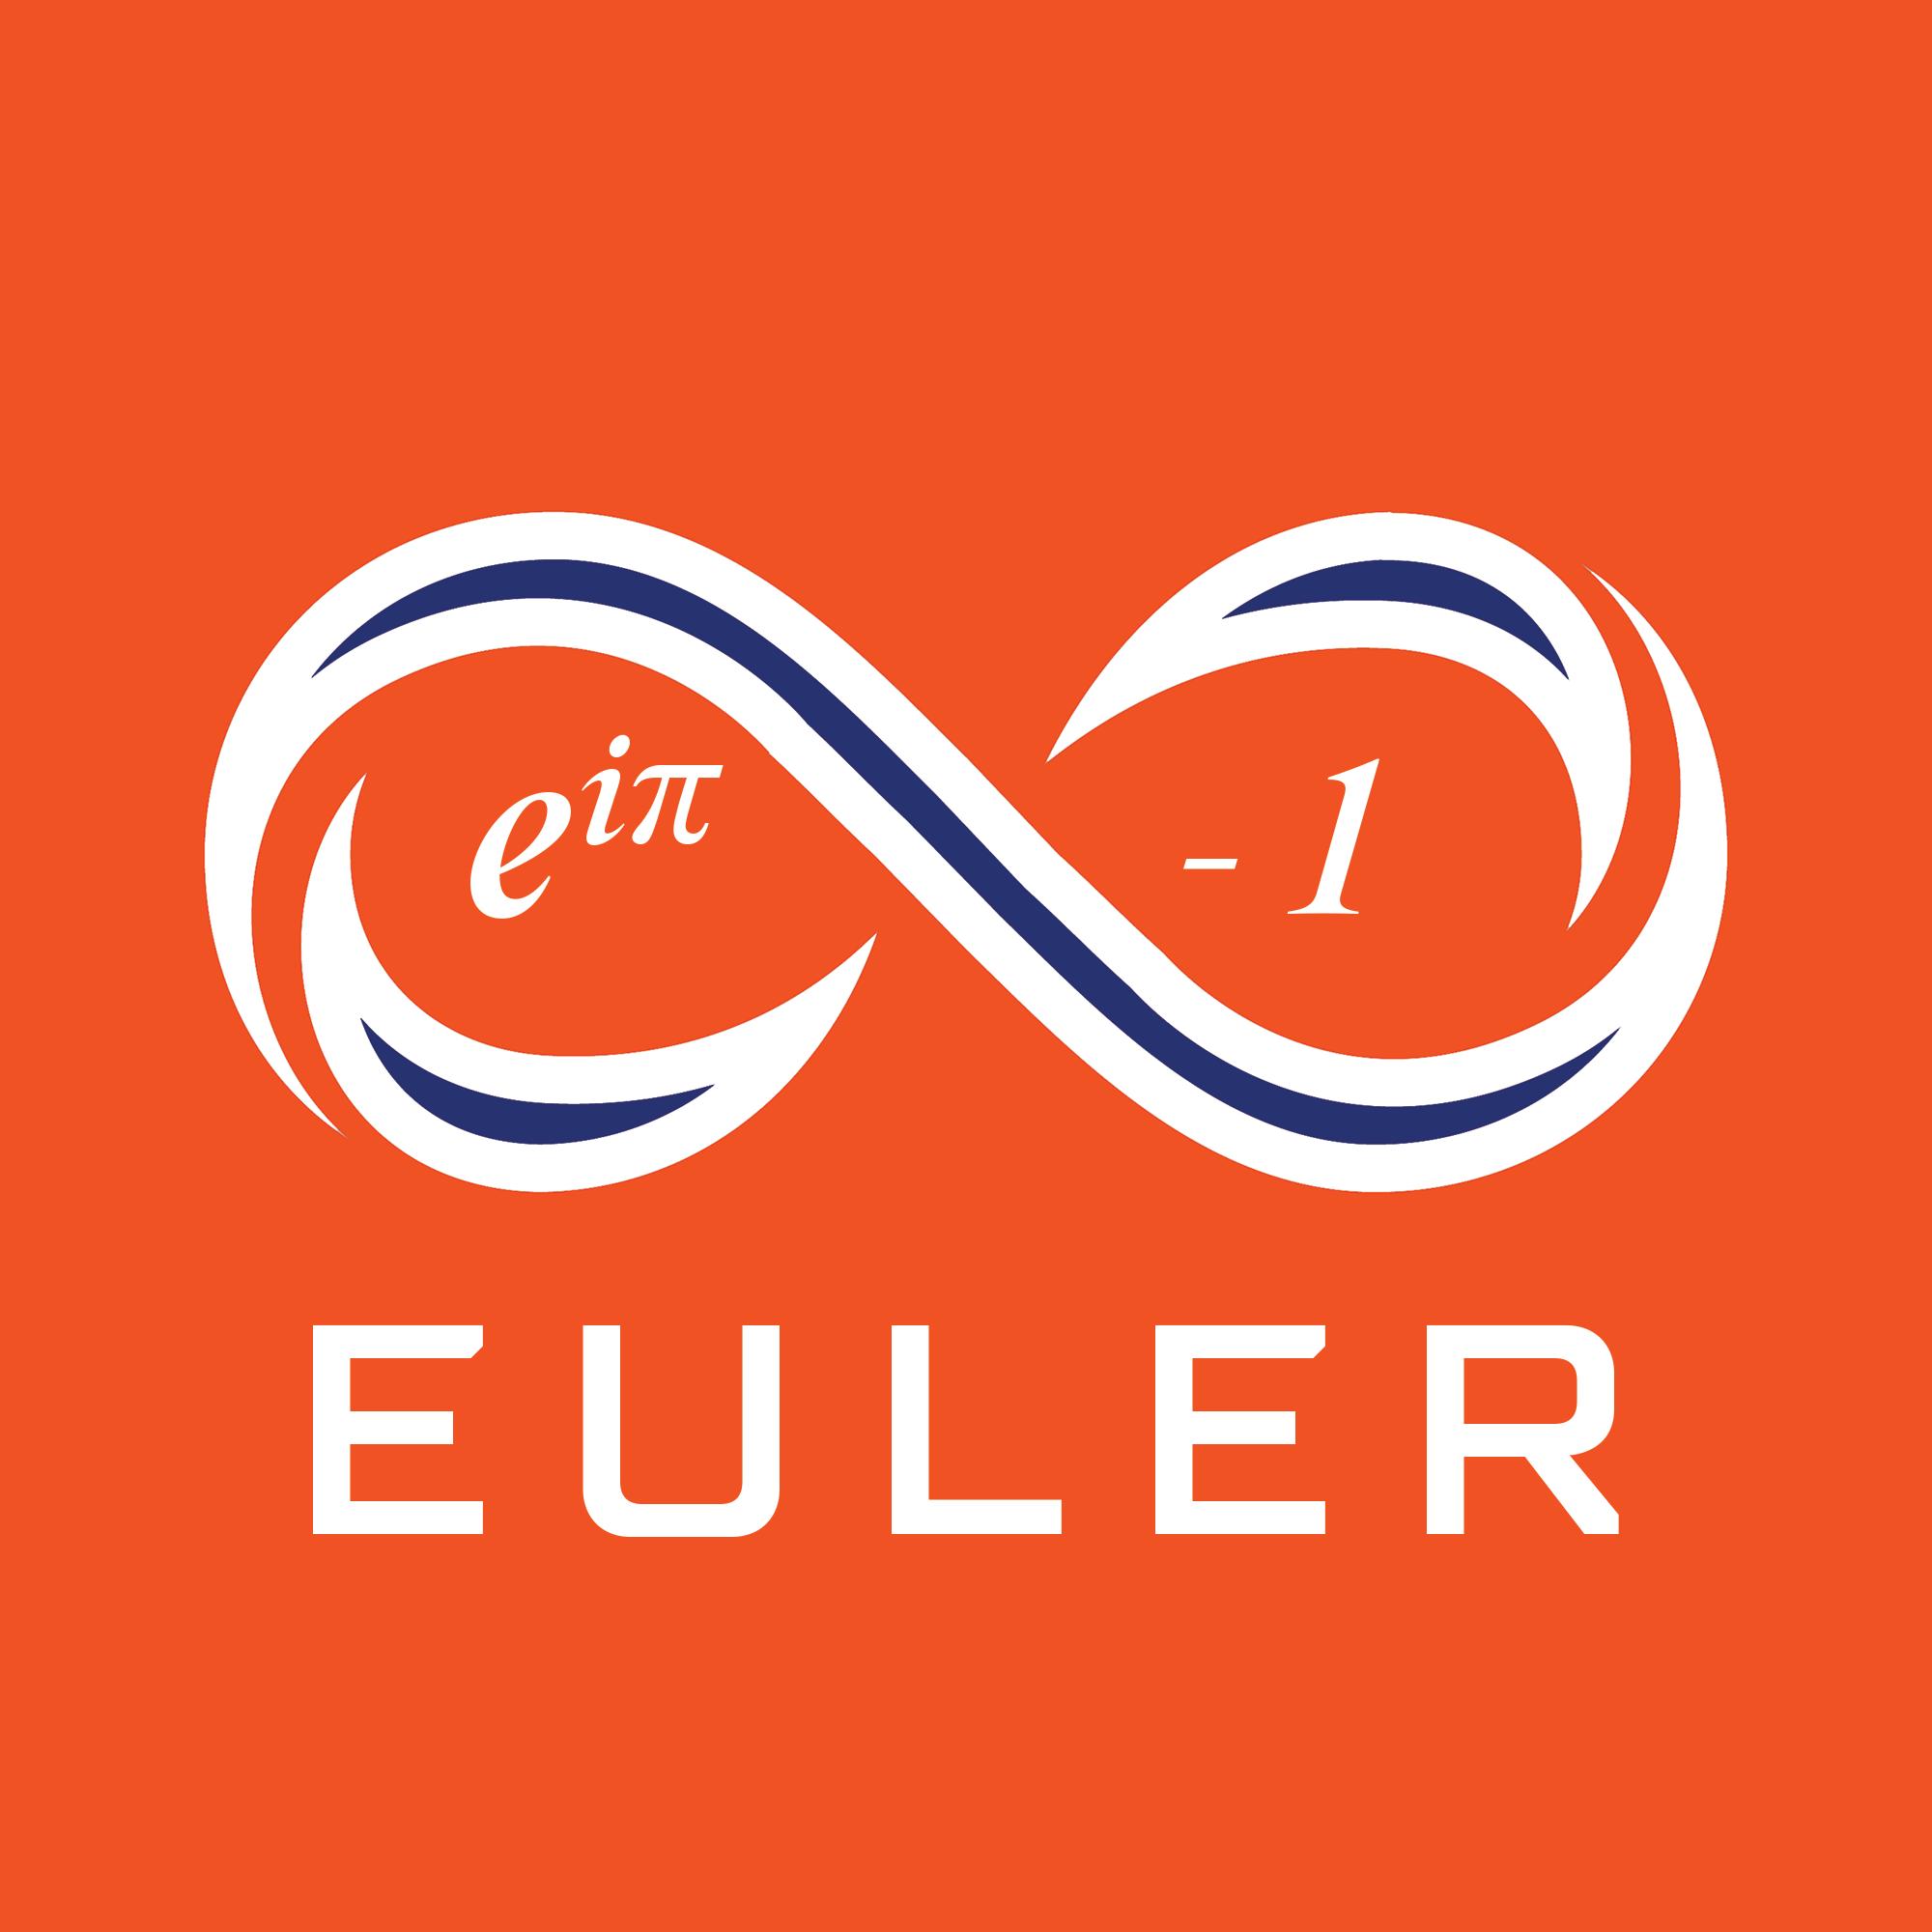 EULER | Euler Universiteit